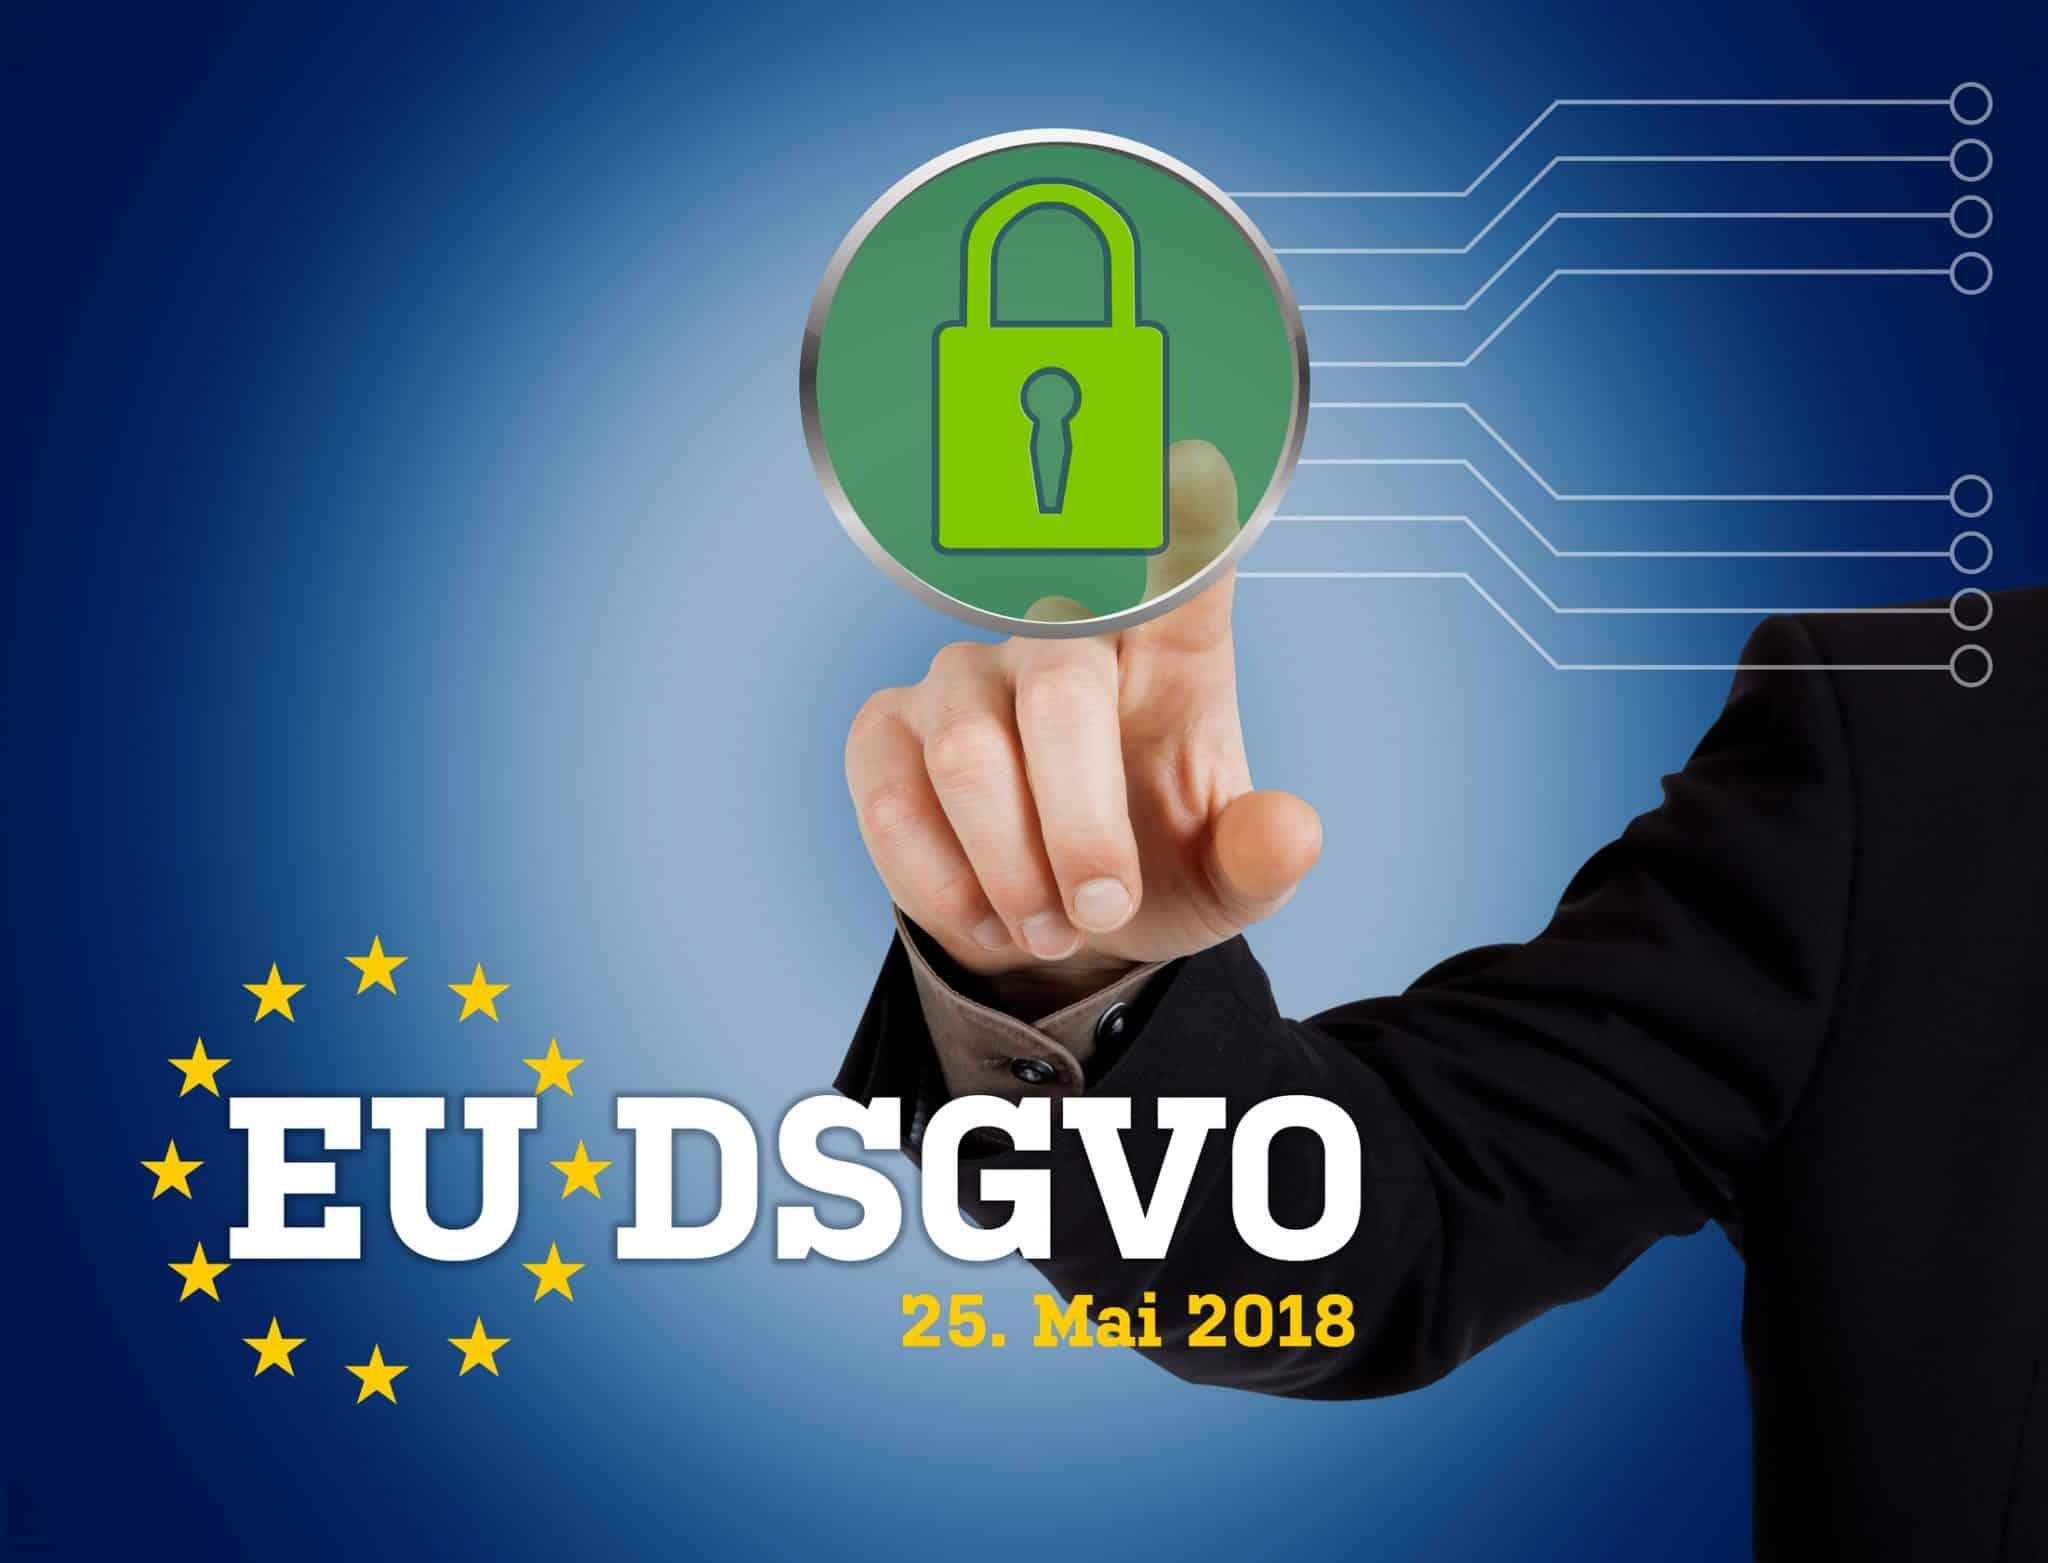 Kurs: Datenschutz und EU-DSGVO richtig umsetzen